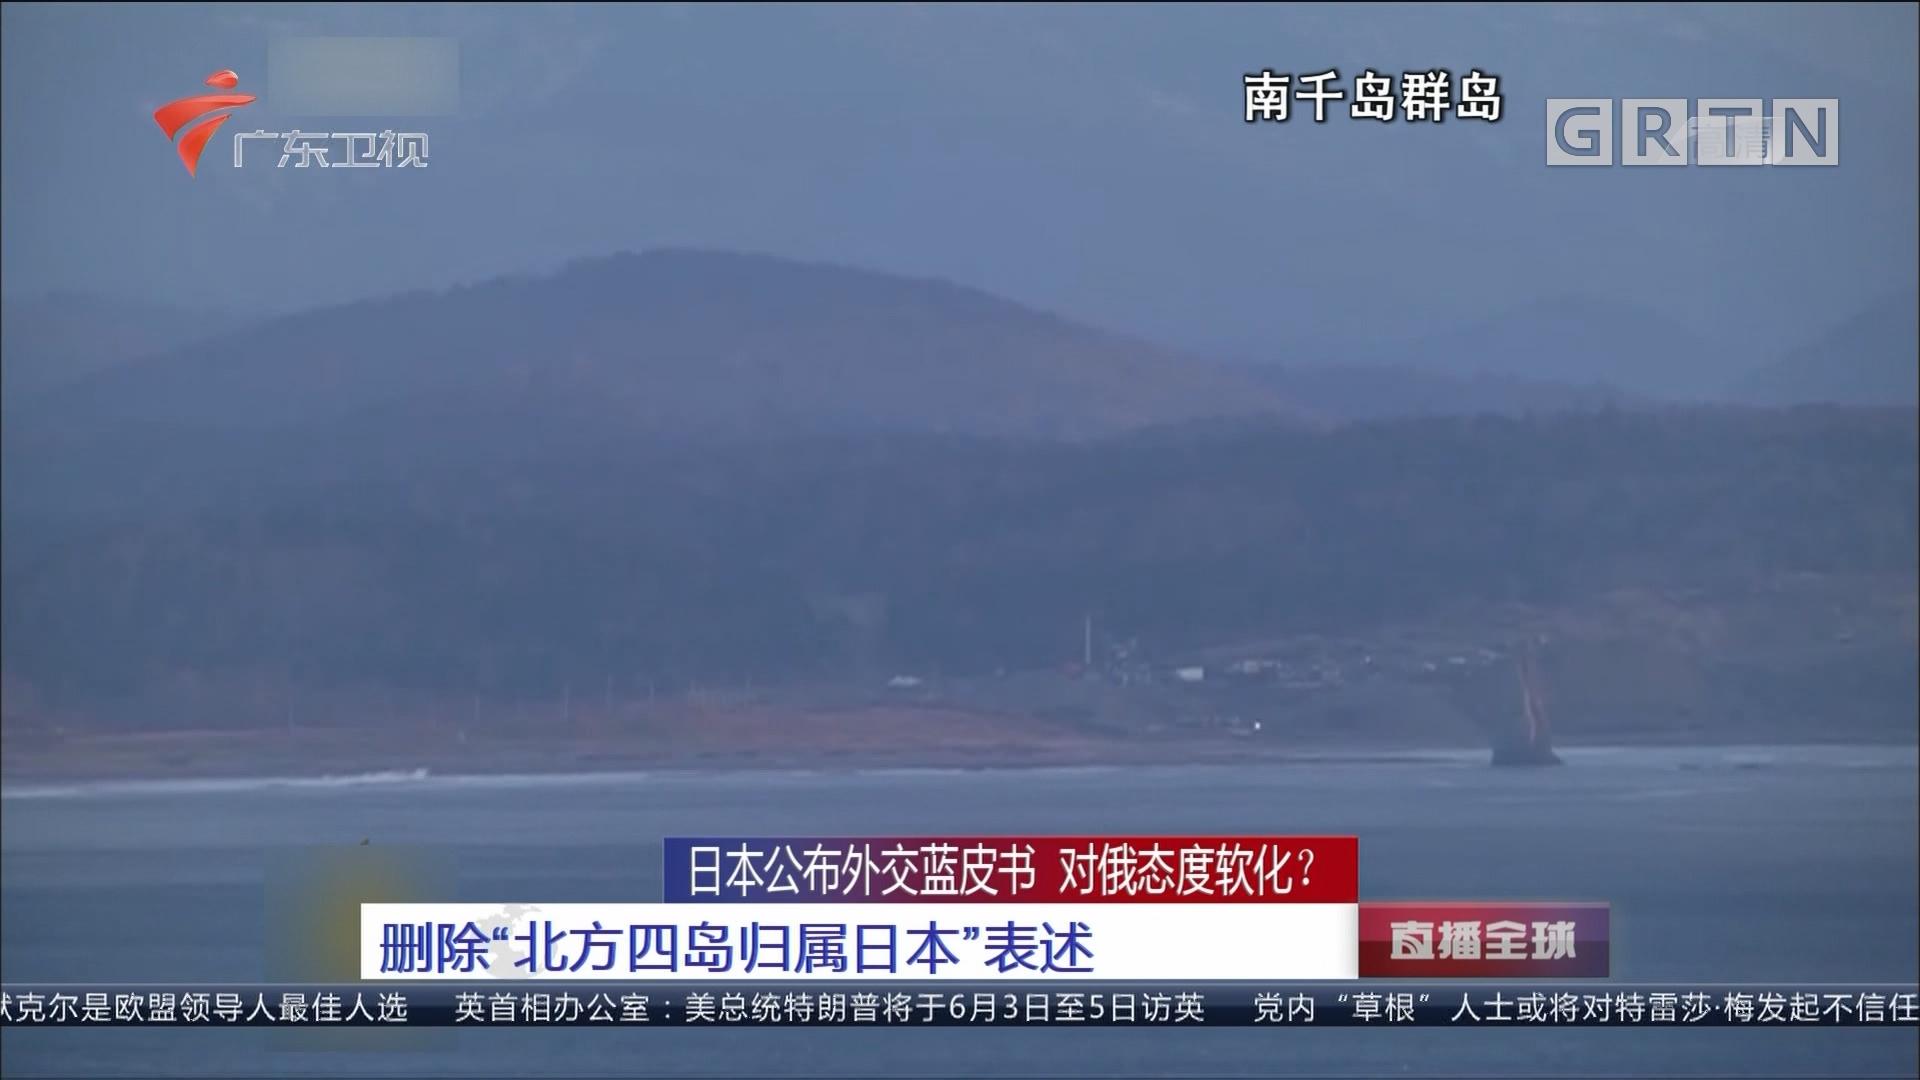 """日本公布外交蓝皮书 对俄态度软化? 删除""""北方四岛归属日本""""表述"""